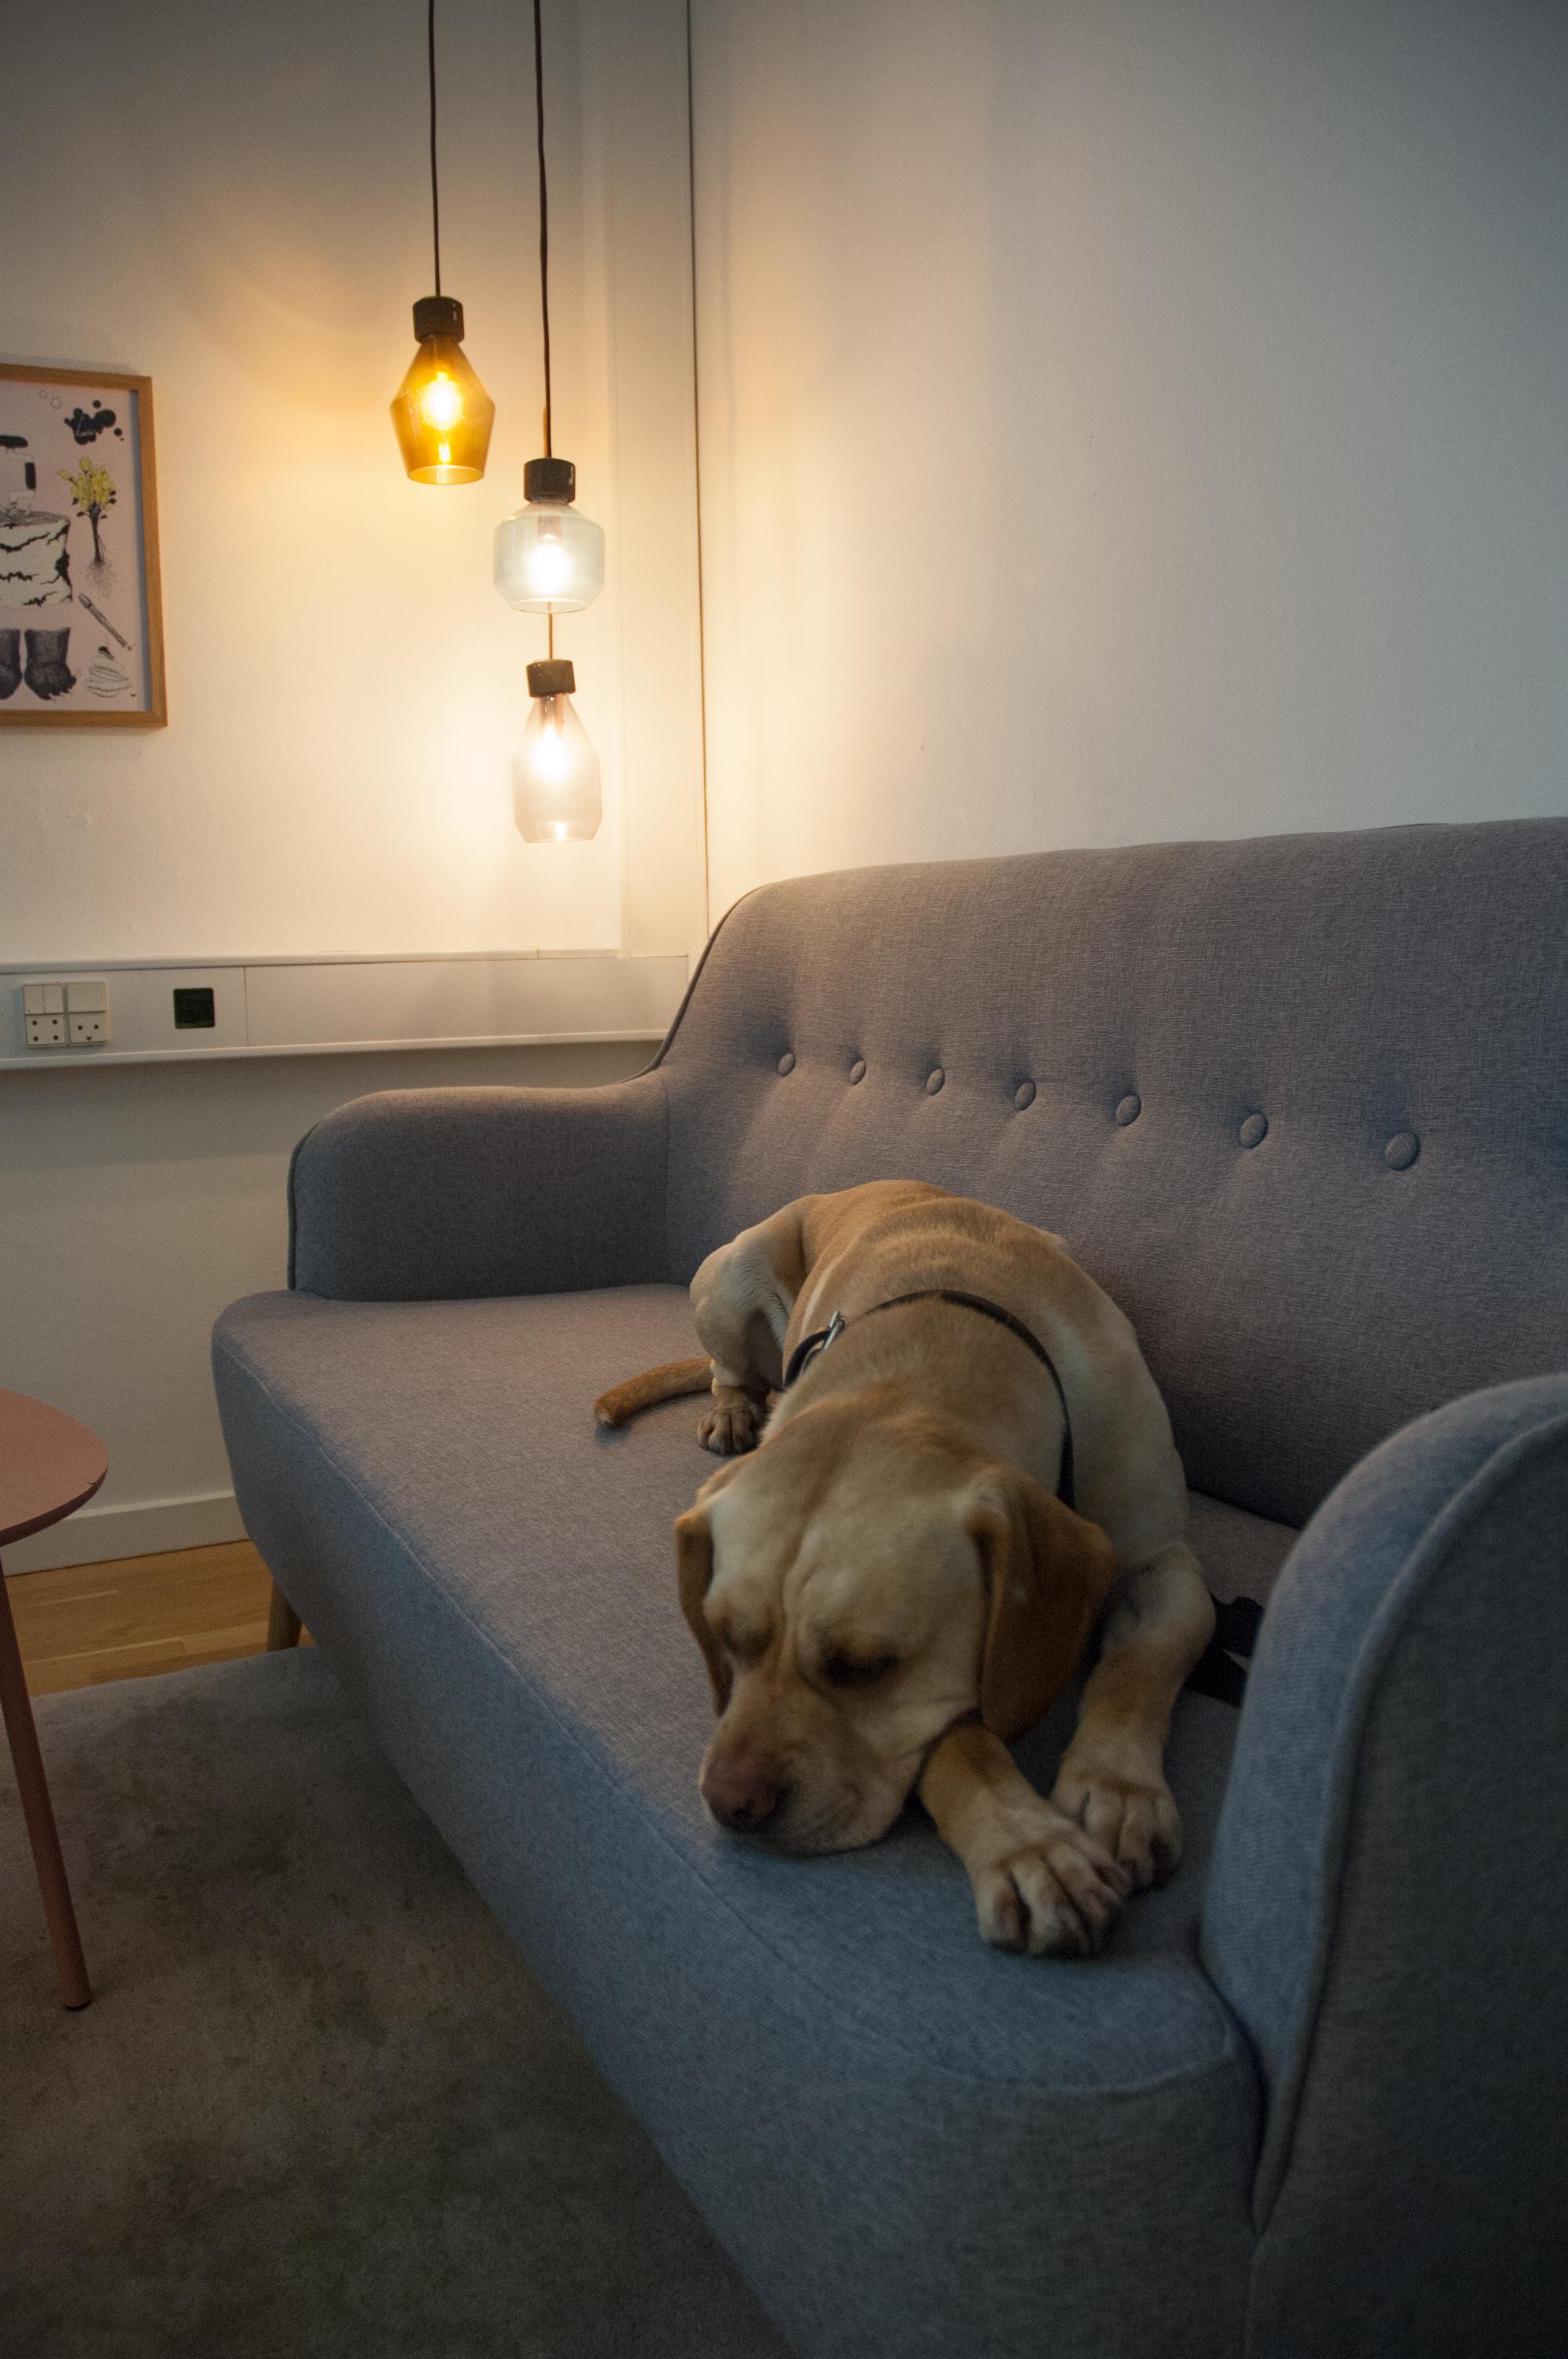 sofa_dog.jpg